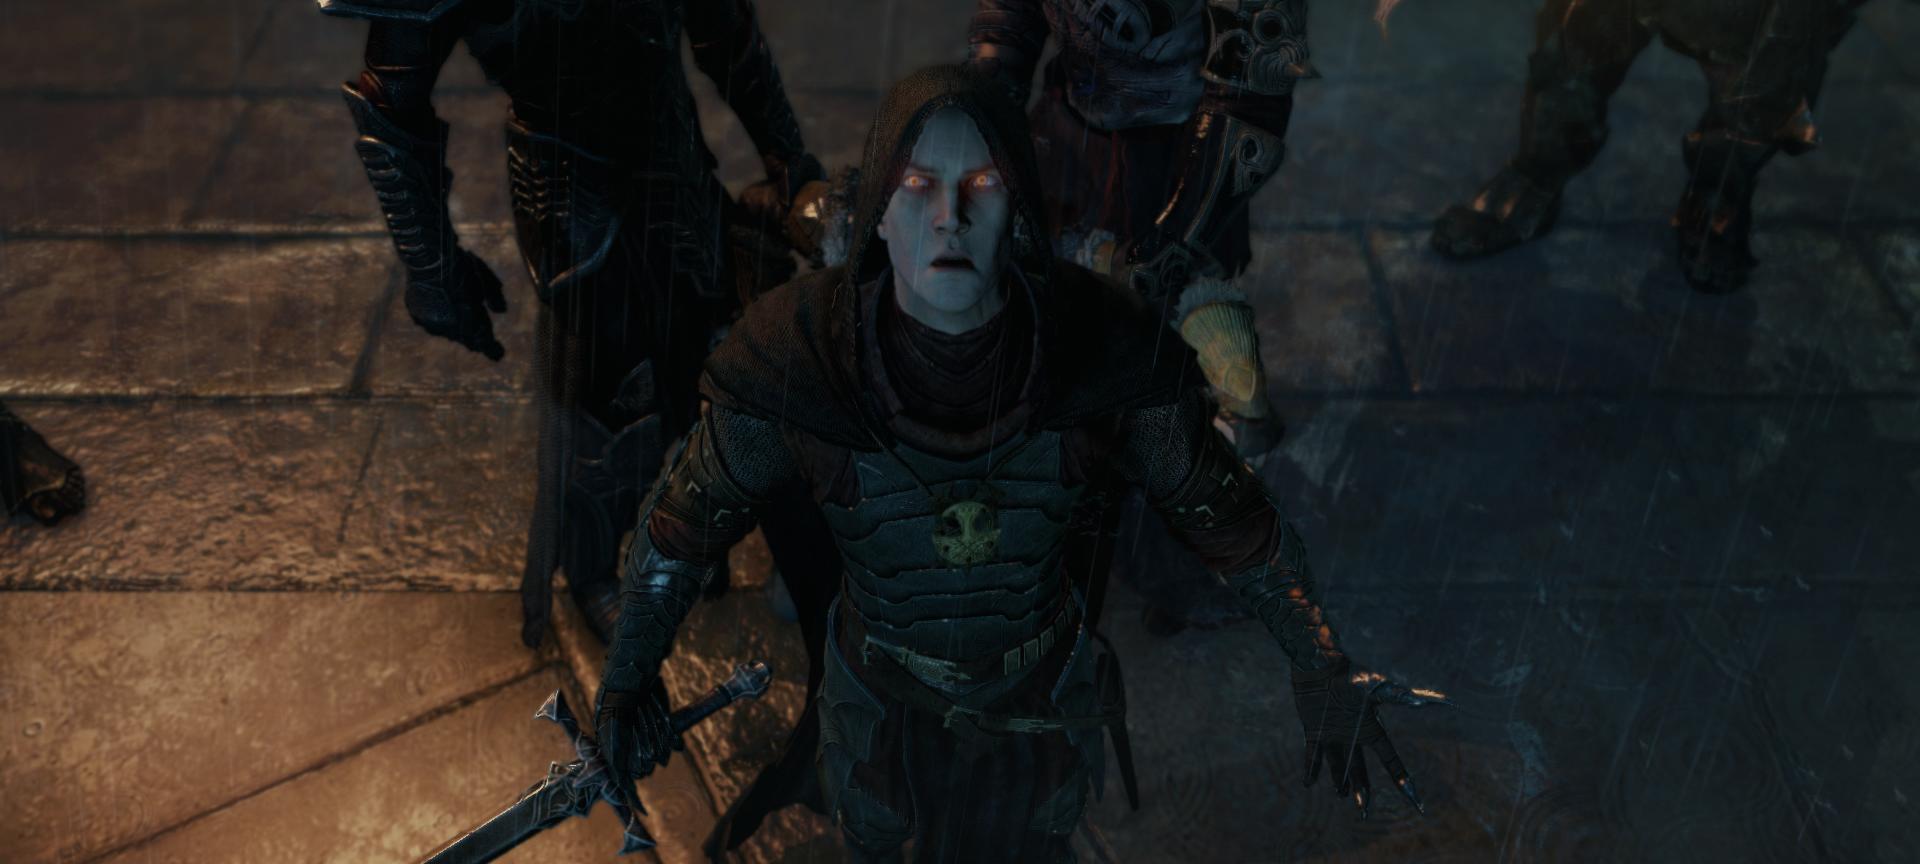 Přídavek zdarma vám umožní hrát ve Shadow of Mordor za Black Hand of Sauron 101586